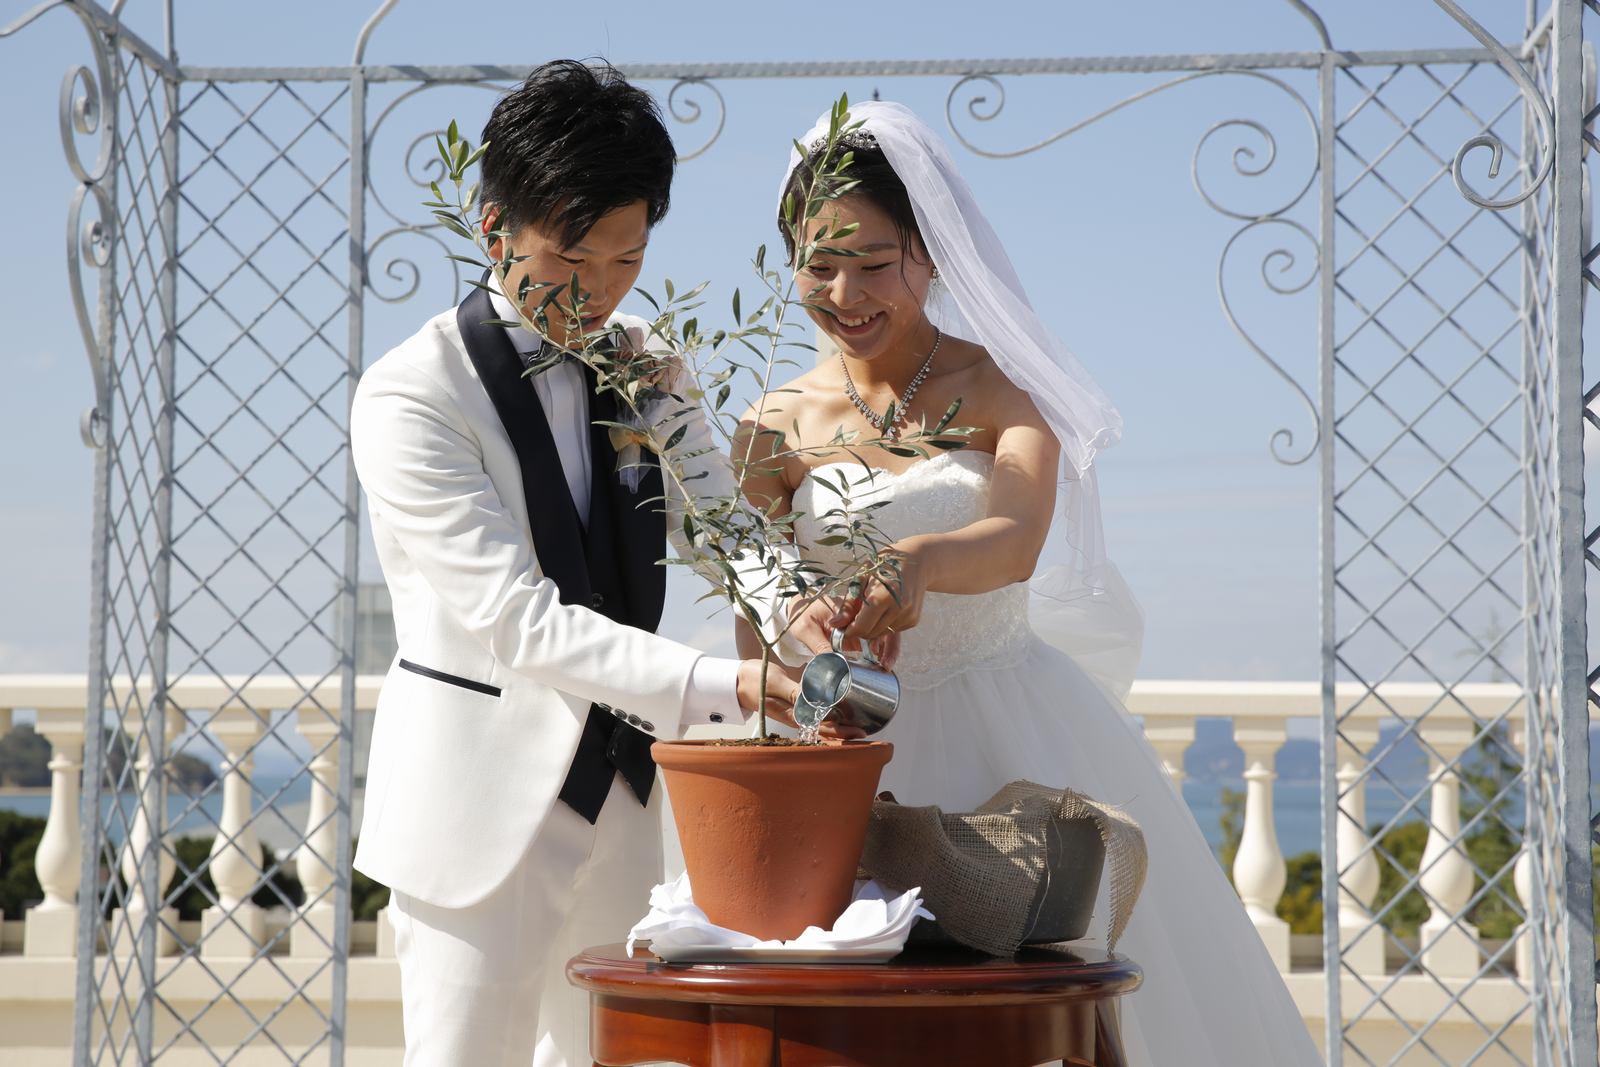 香川県の結婚式場シェルエメール&アイスタイル ルーフテラス挙式